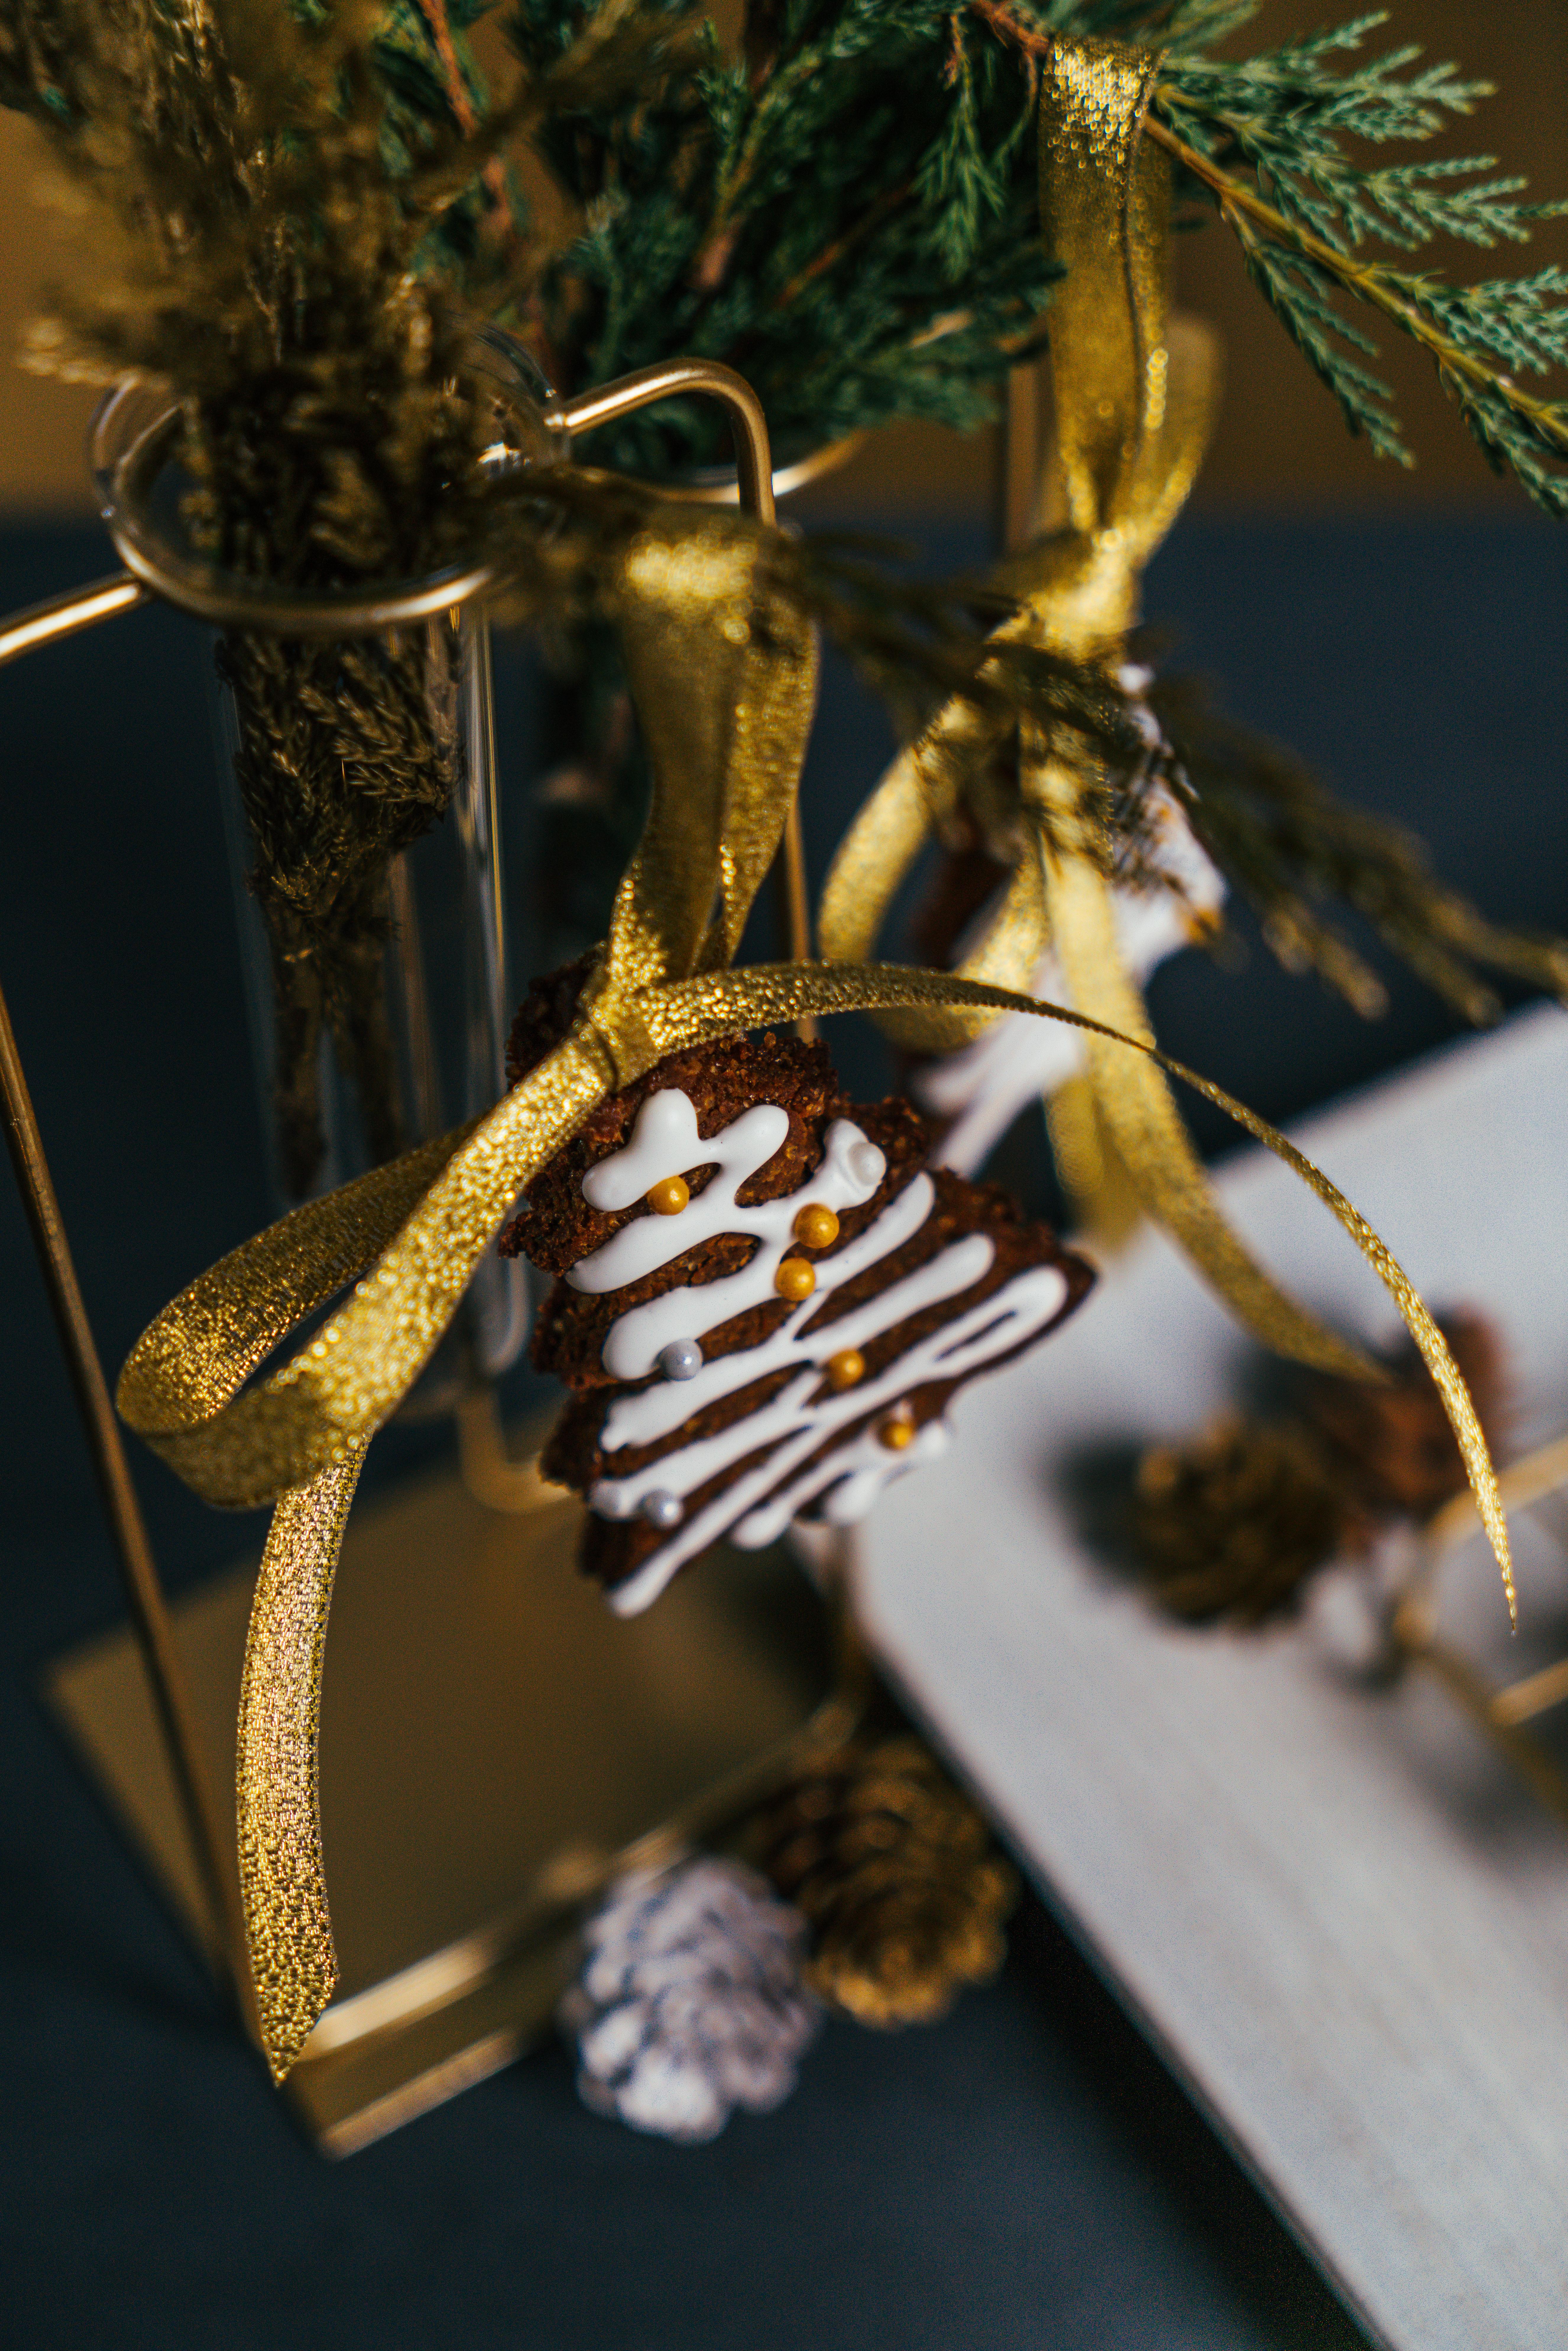 precioso adorno con cinta en dorado, galleta de jengibre decorada con glasé real casero, ornamentos navideños para decorar la casa